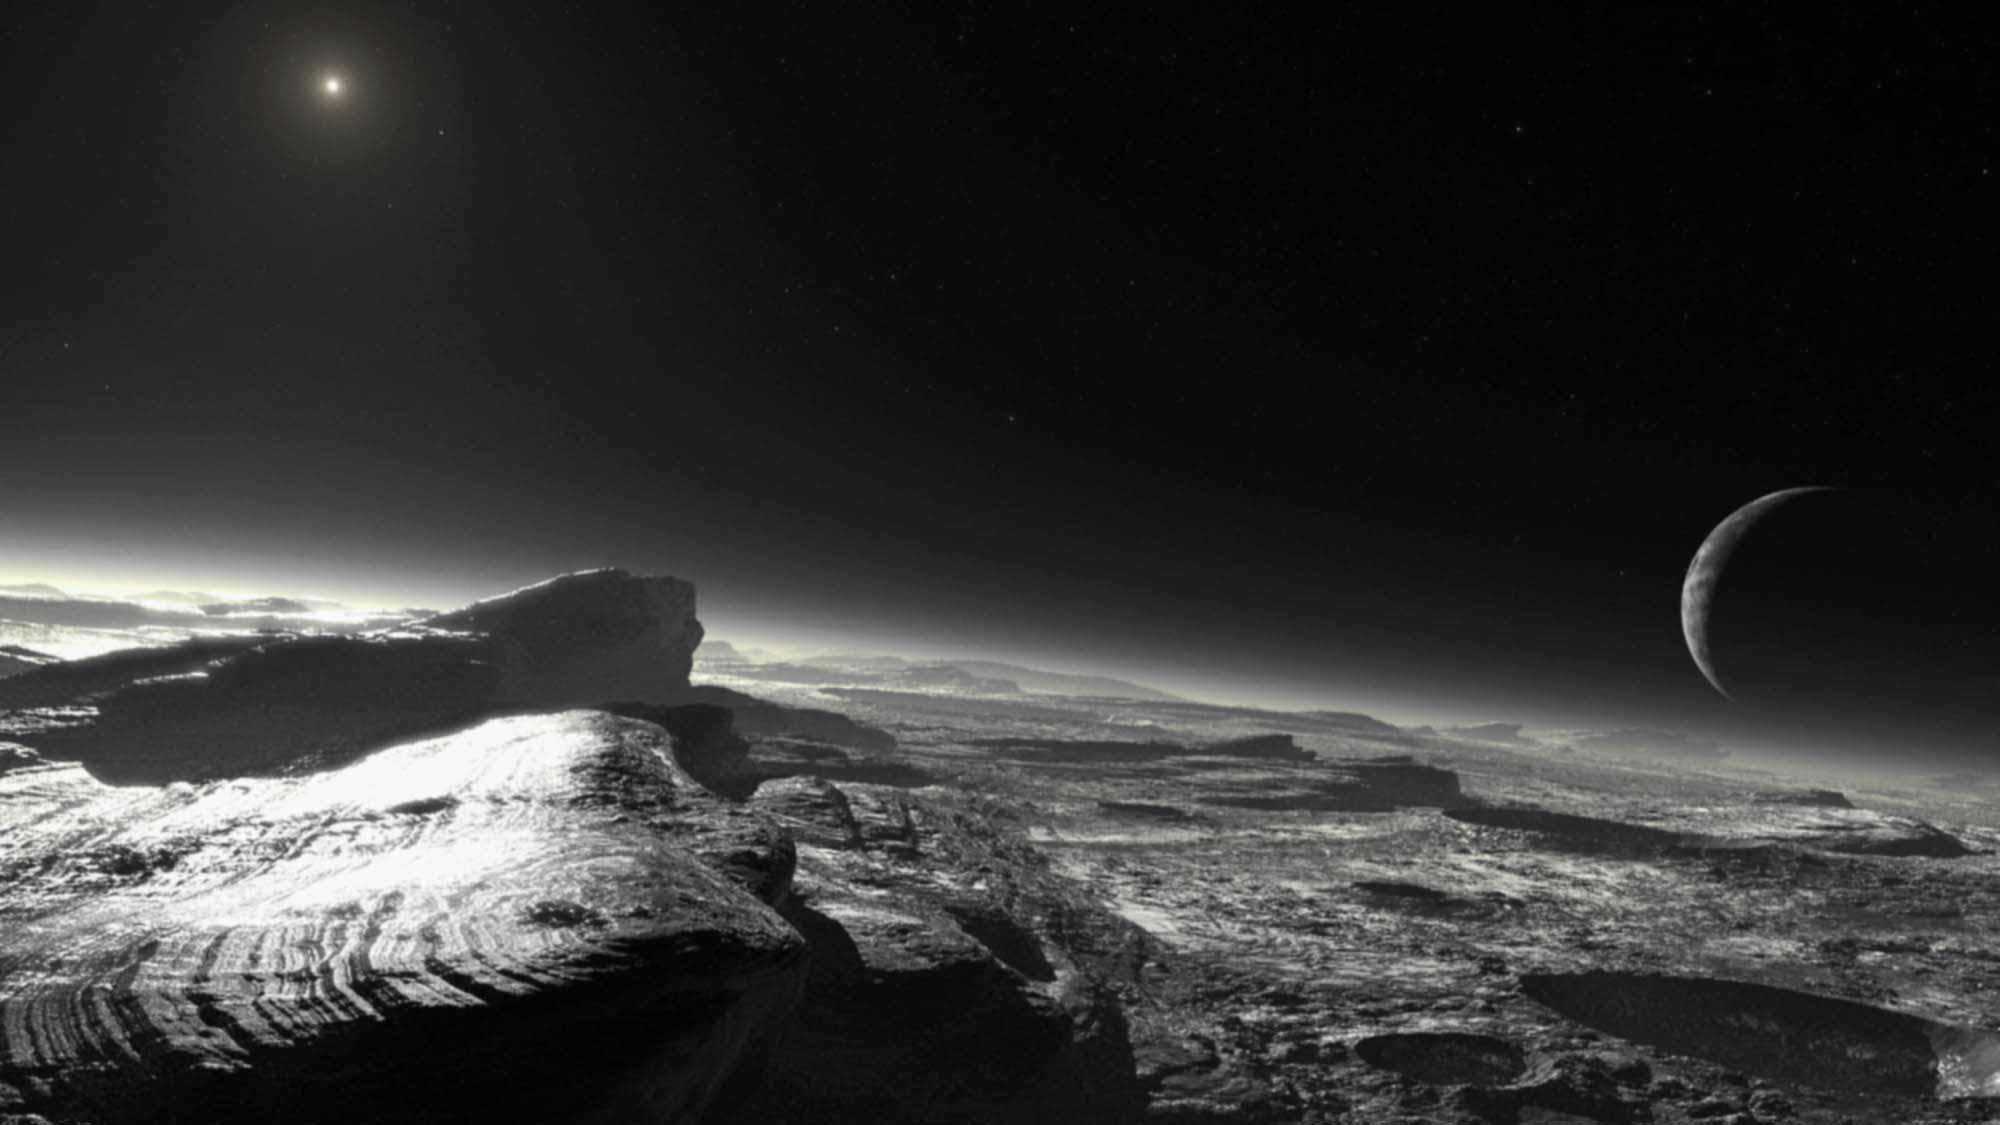 Художественное представление поверхности Плутона, его спутника Харона (справа) и Солнца (слева вверху)